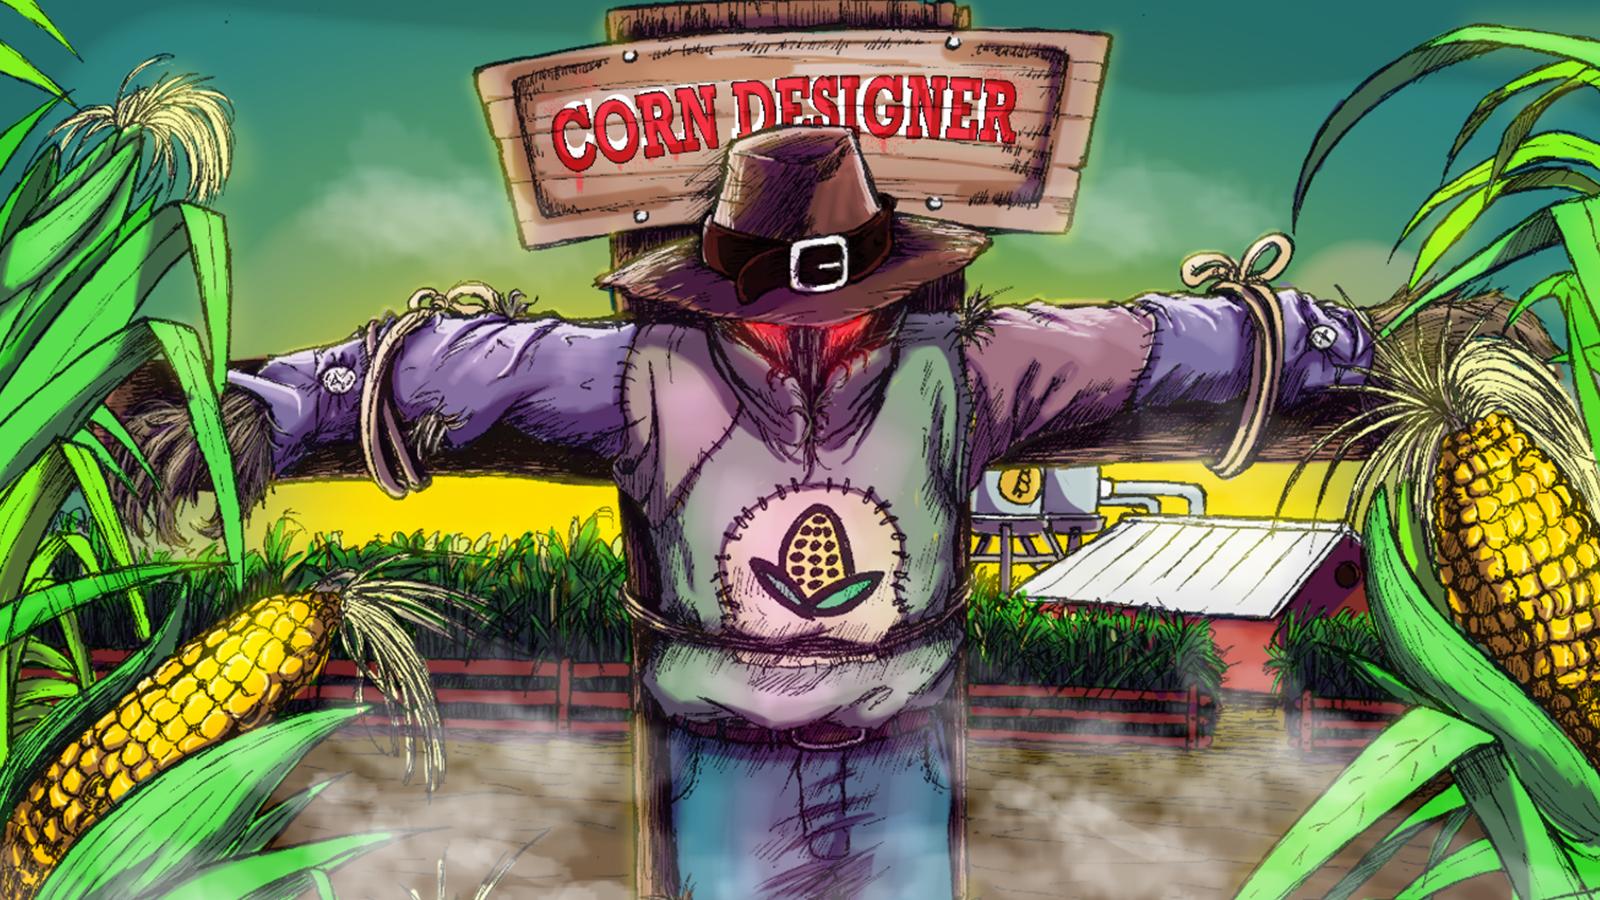 CORN DESIGNER